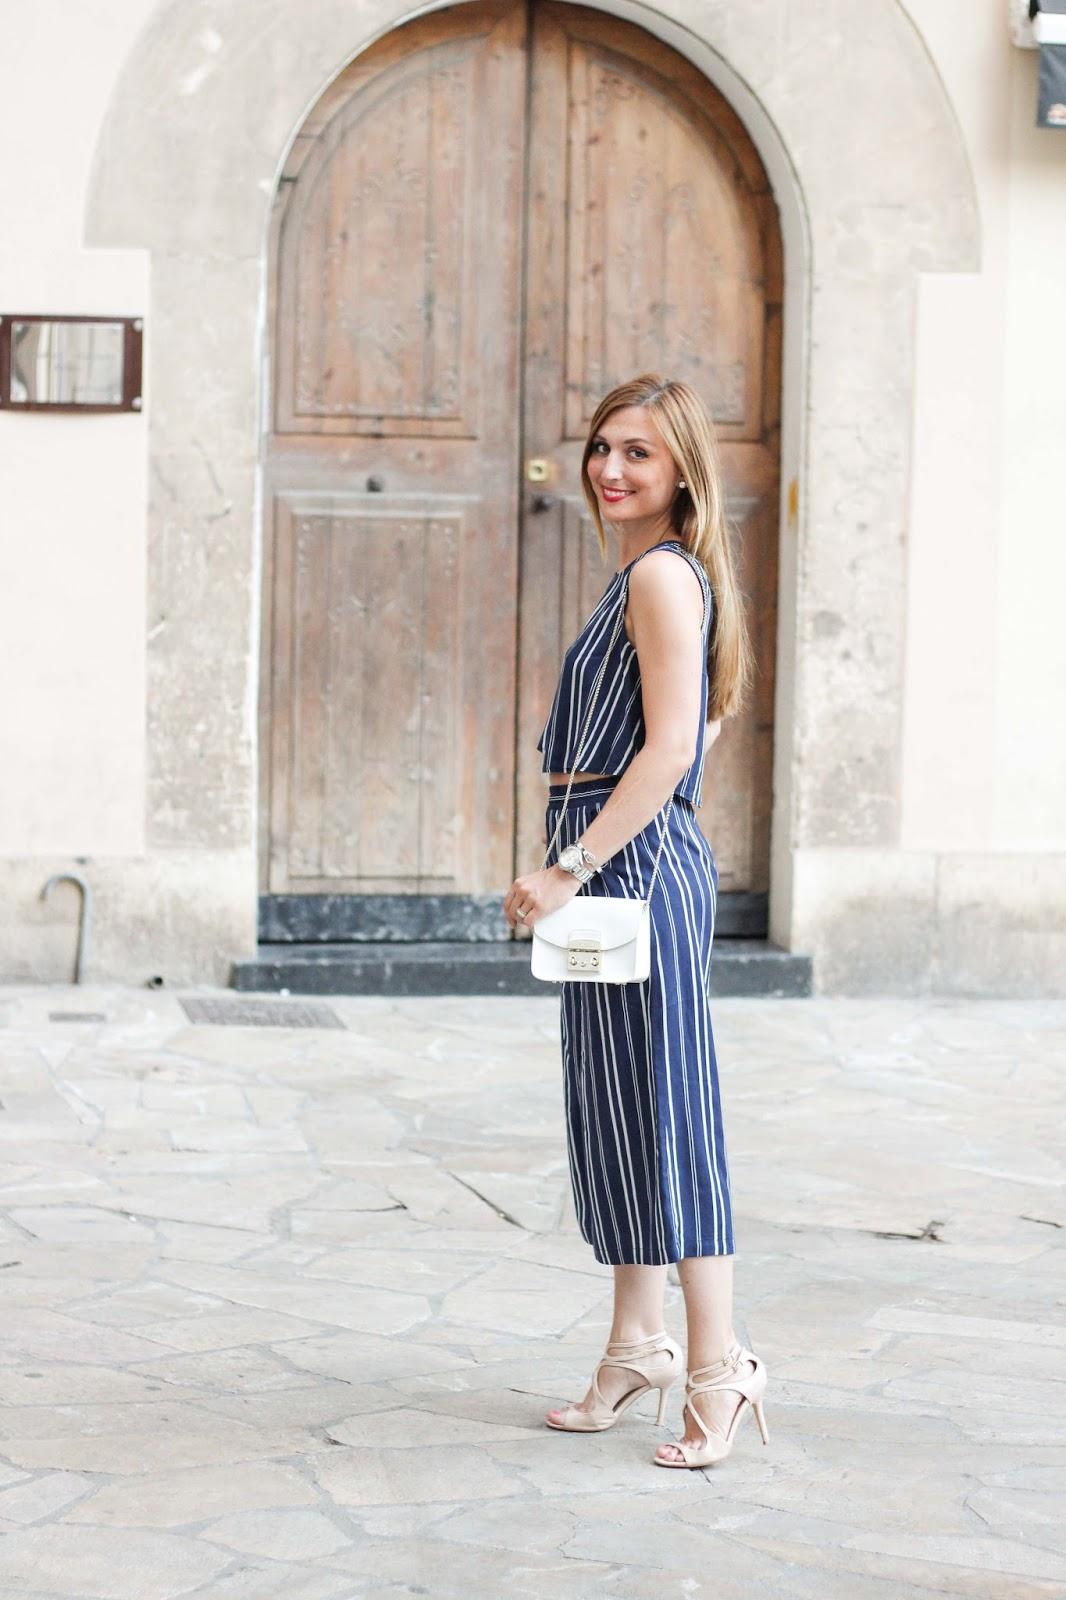 Fashionblogger aus Deutschland - Deutsche Fashionblogger - German Fashionblogger - C&A Looks - C&A Styles - Fashionstylebyh´johanna